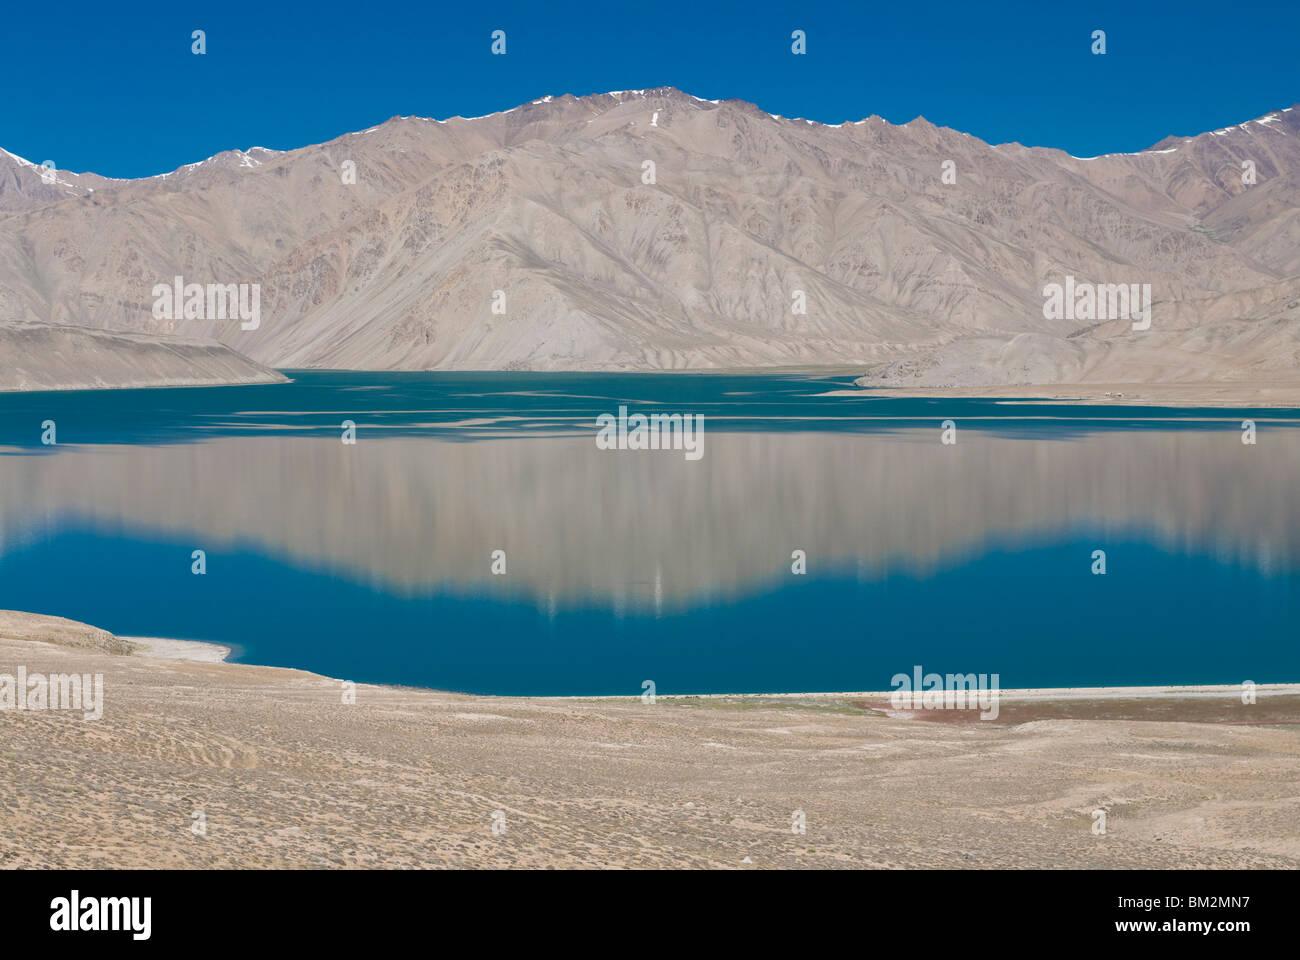 Türkis Bulunkul See, Bulunkul, Tadschikistan Stockbild